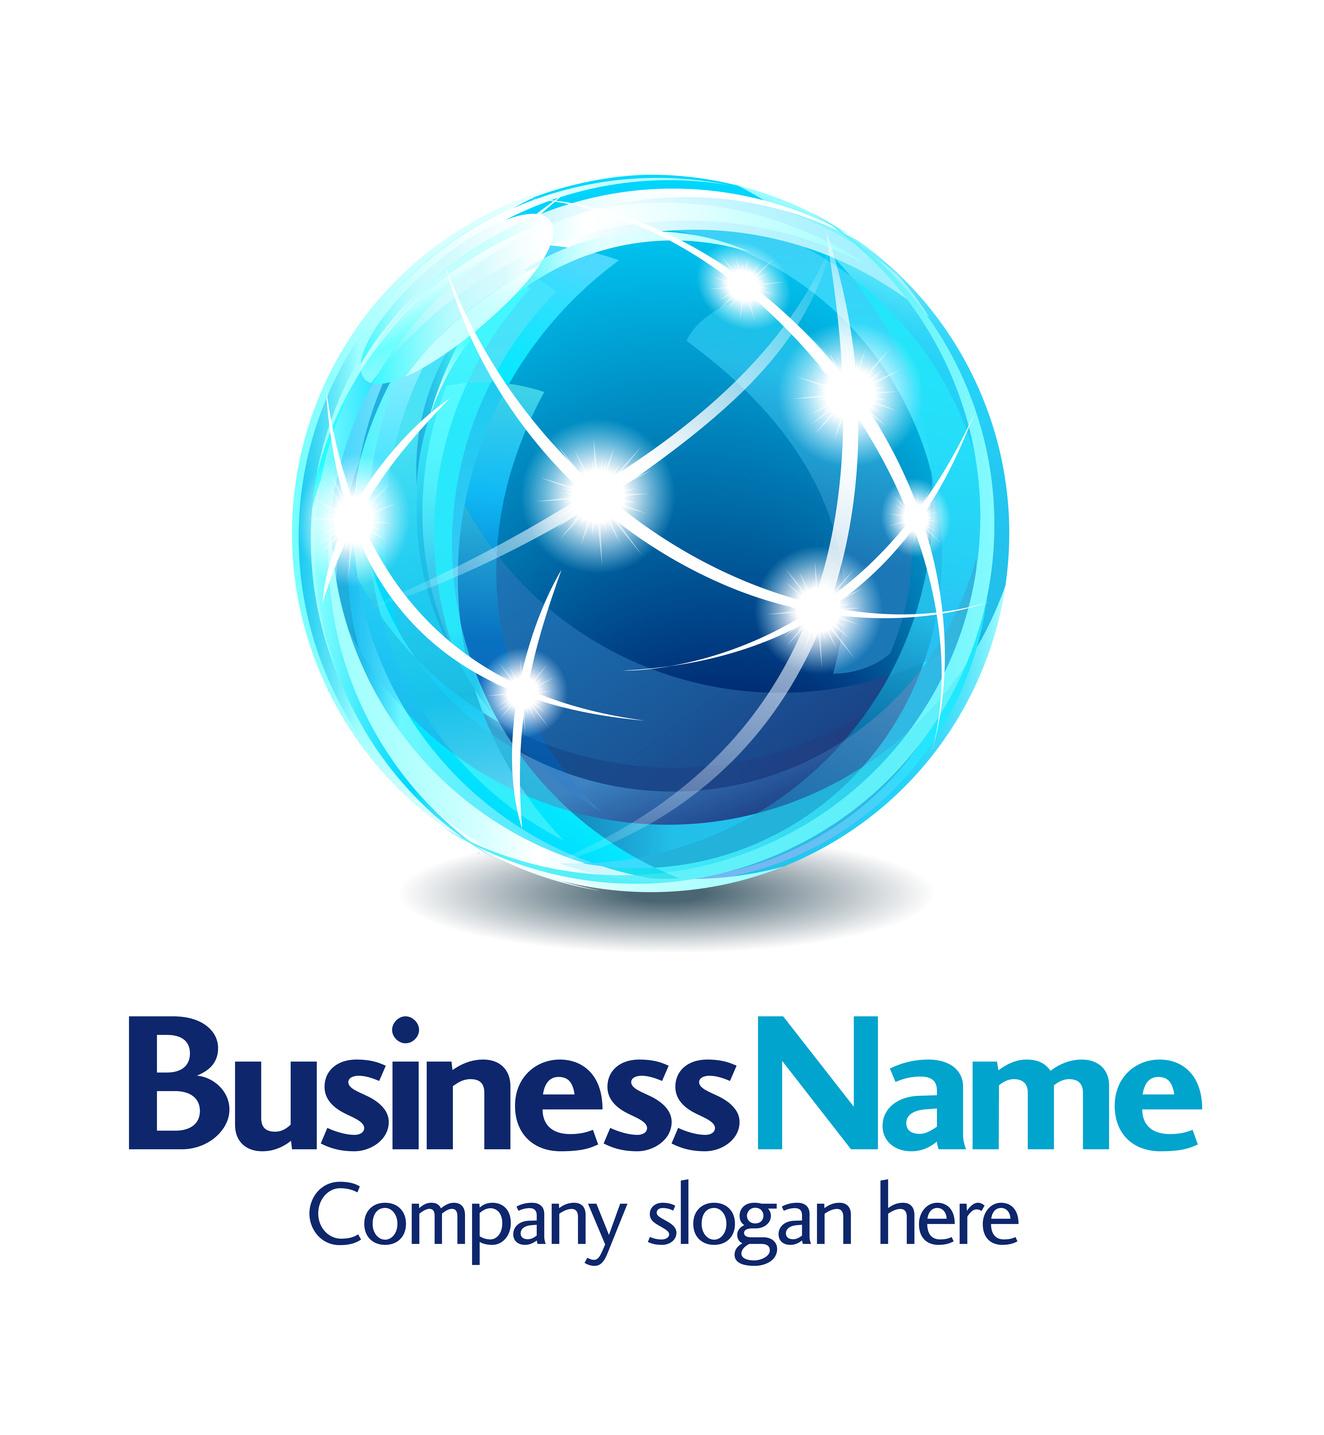 Bulk up Your Supplement Sales 5 New Logo Design Tips  Online Logo Makers Blog